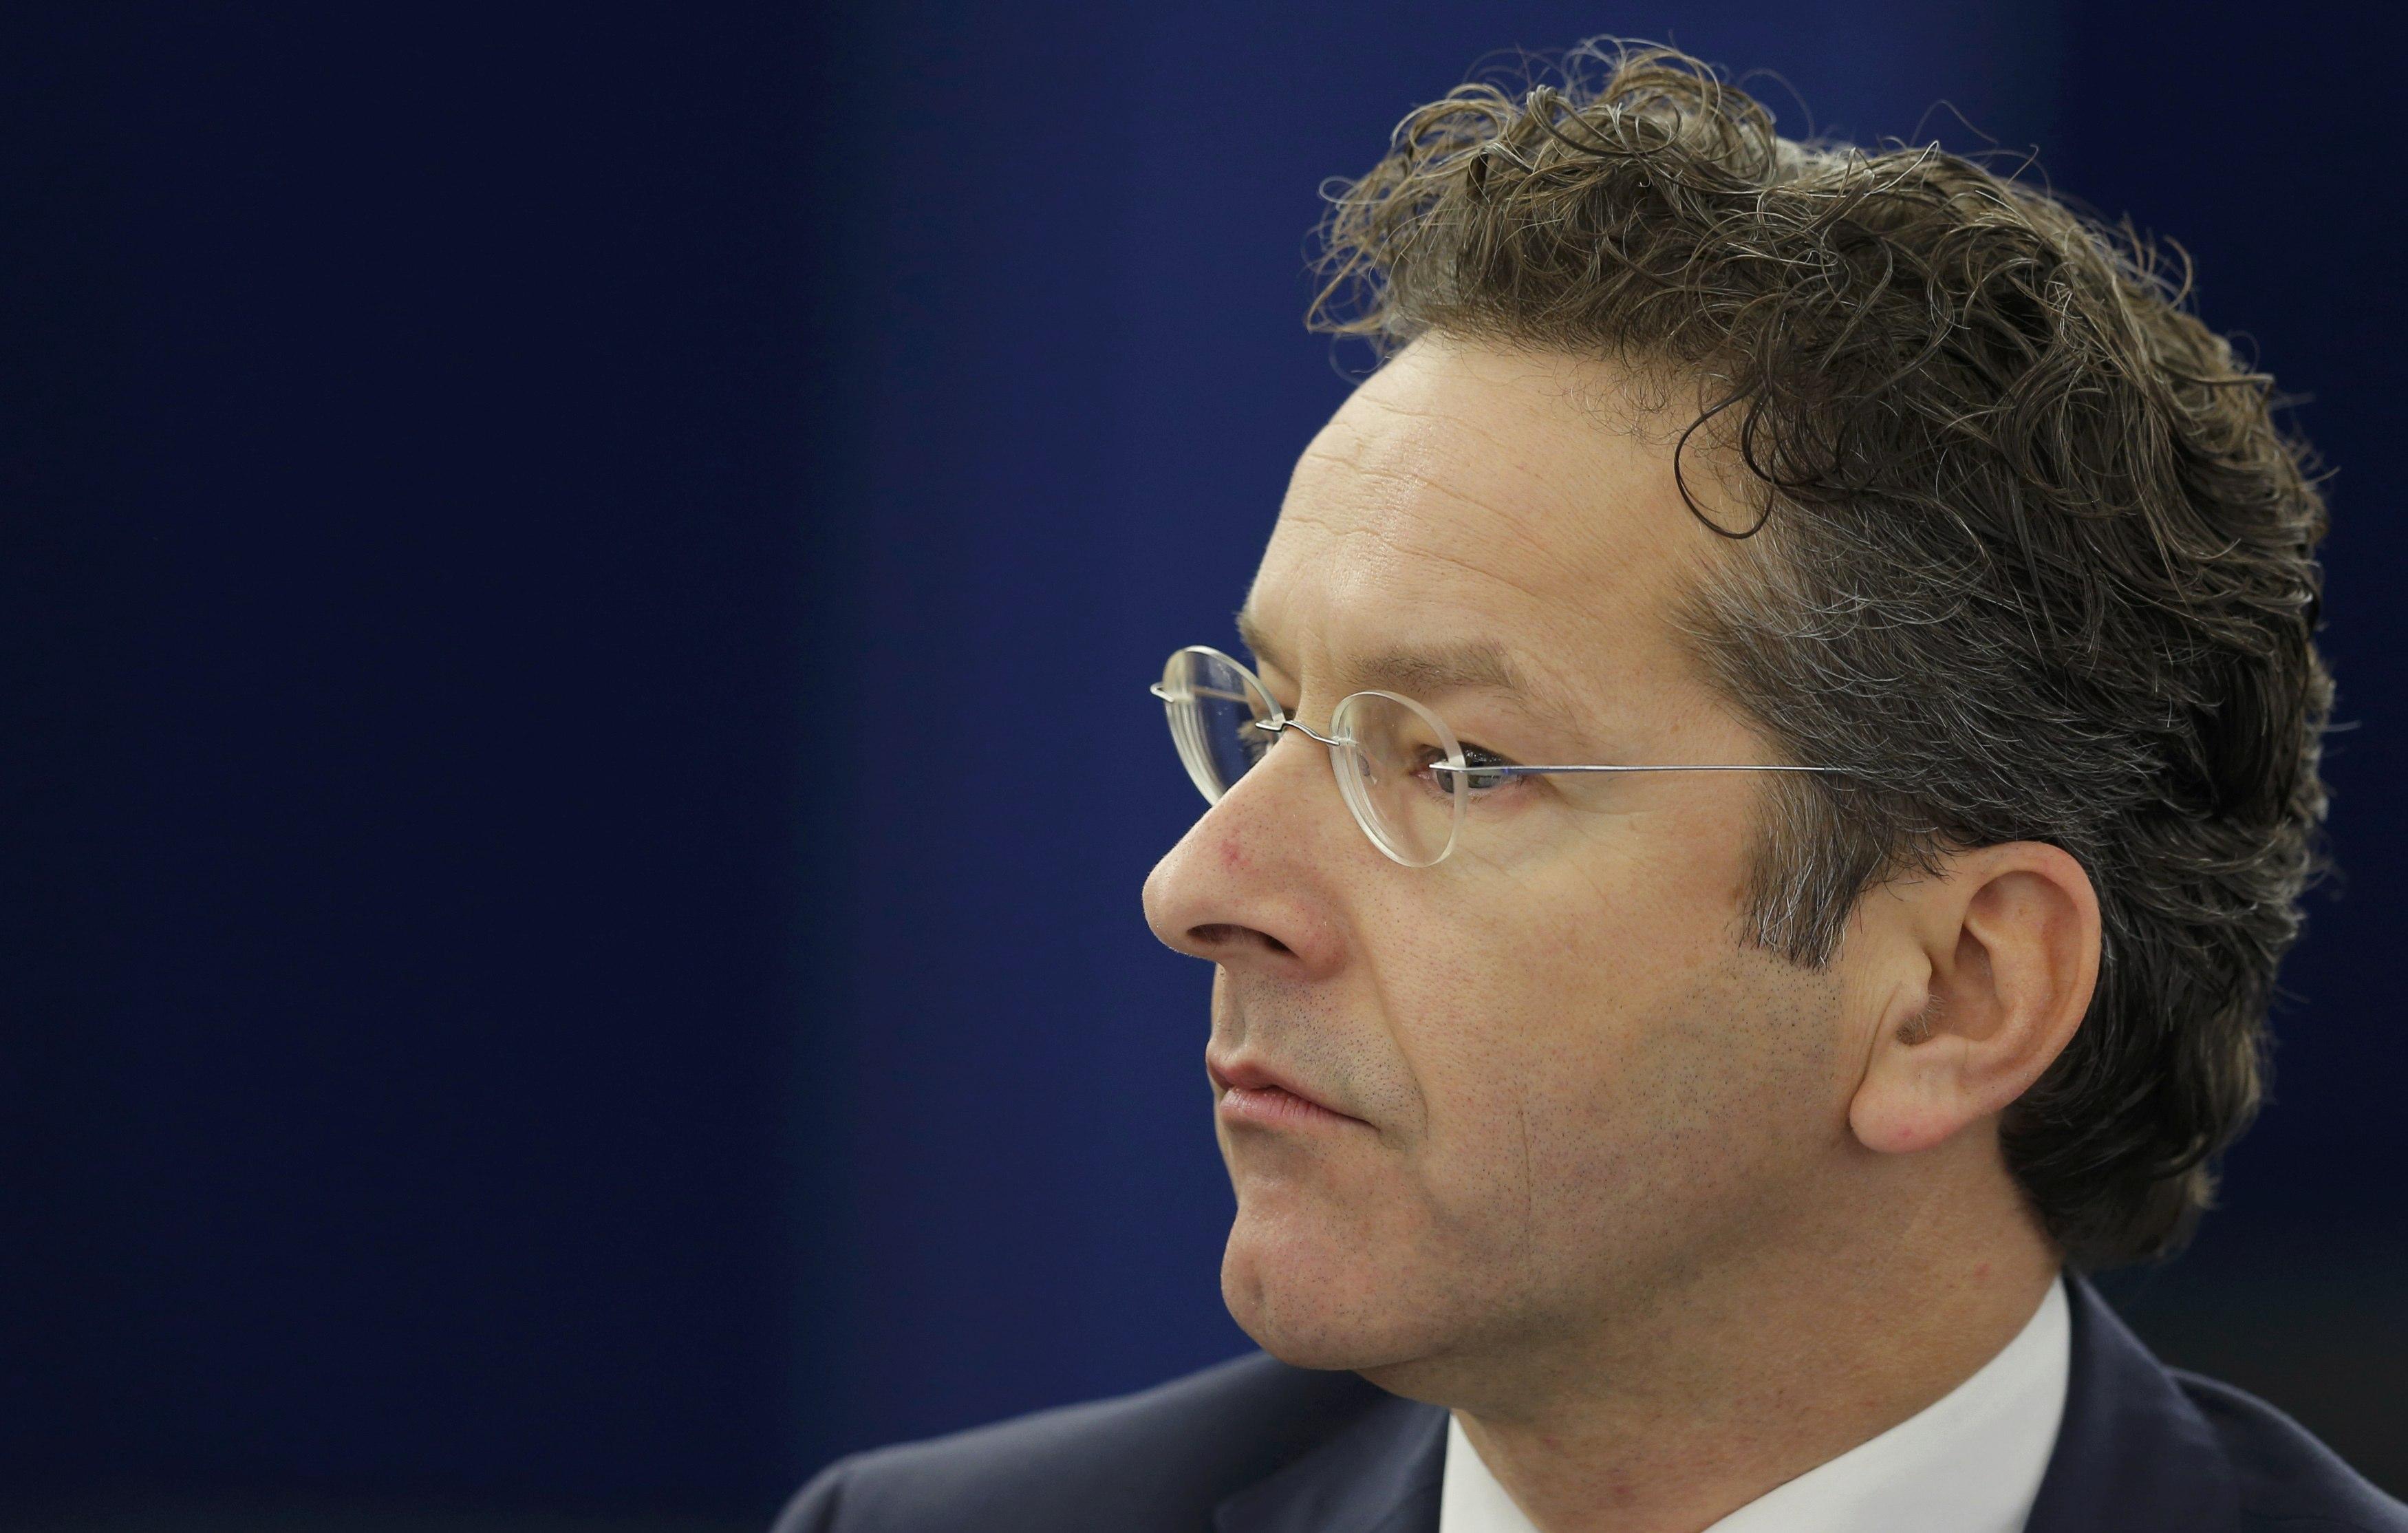 Ντάισελμπλουμ: Πρόγραμμα χωρίς το ΔΝΤ δεν υπάρχει | tovima.gr